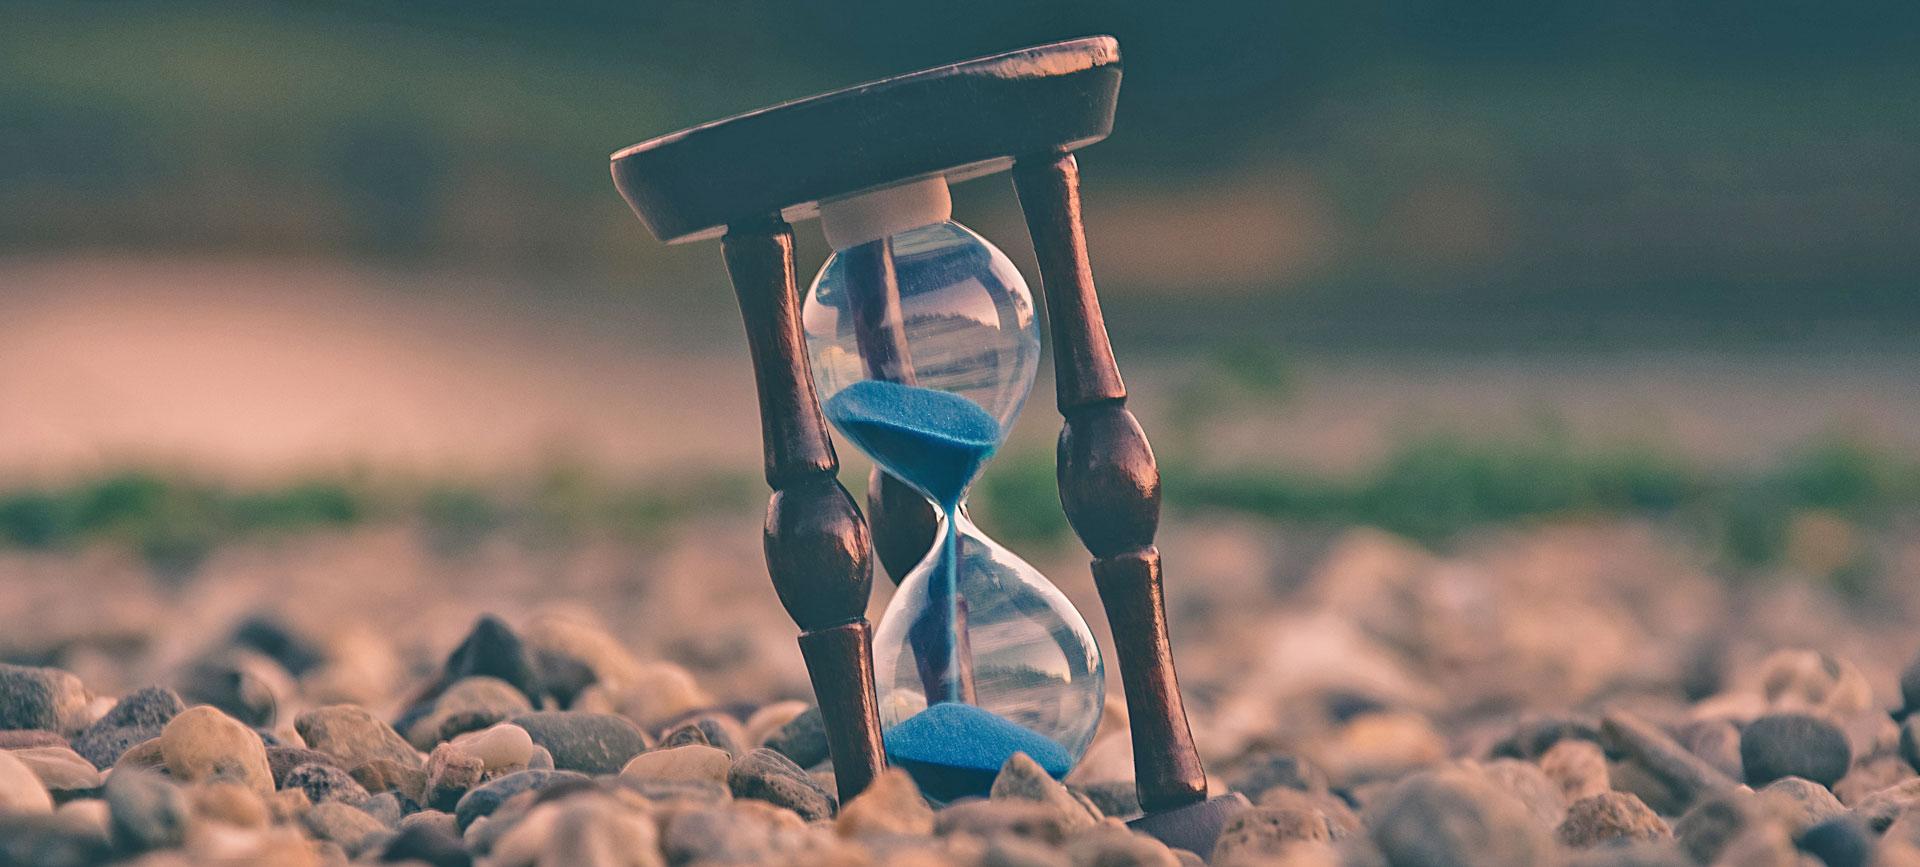 Hoe lang duurt het voordat we gescheiden zijn?